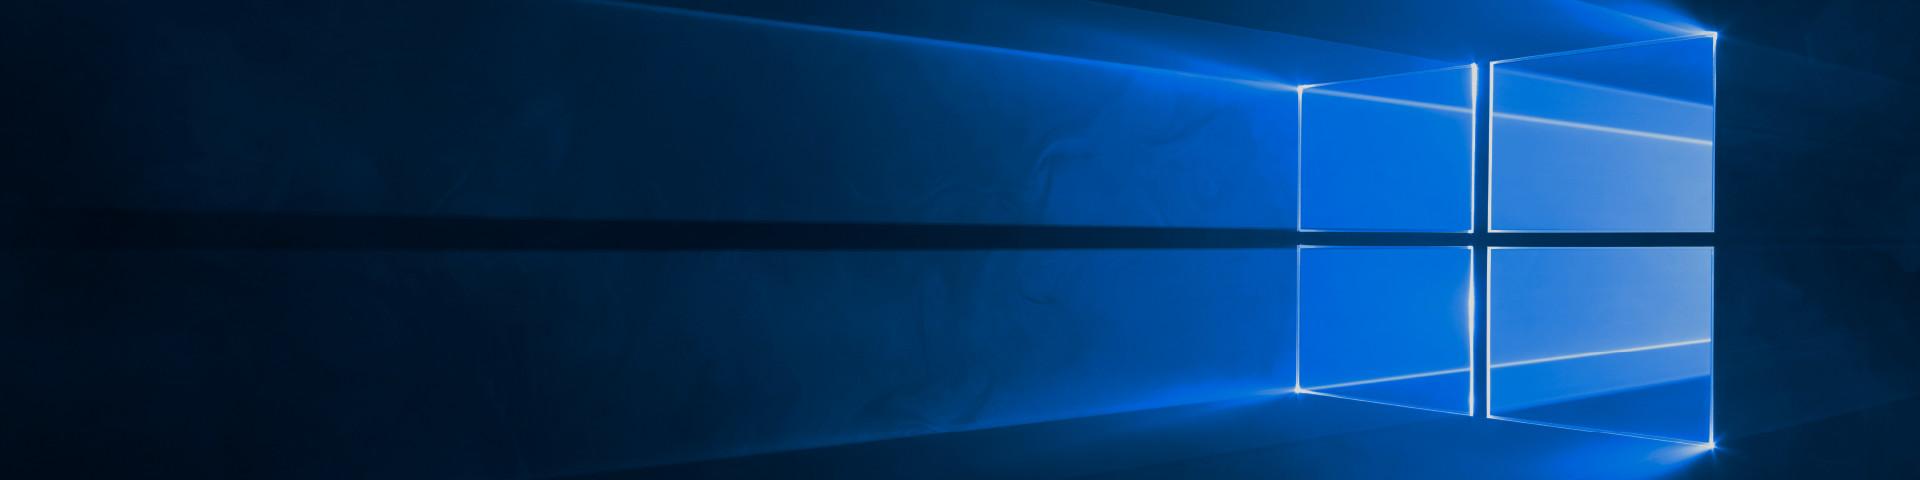 Luz que se filtra por una ventana, comprar y descargar Windows 10